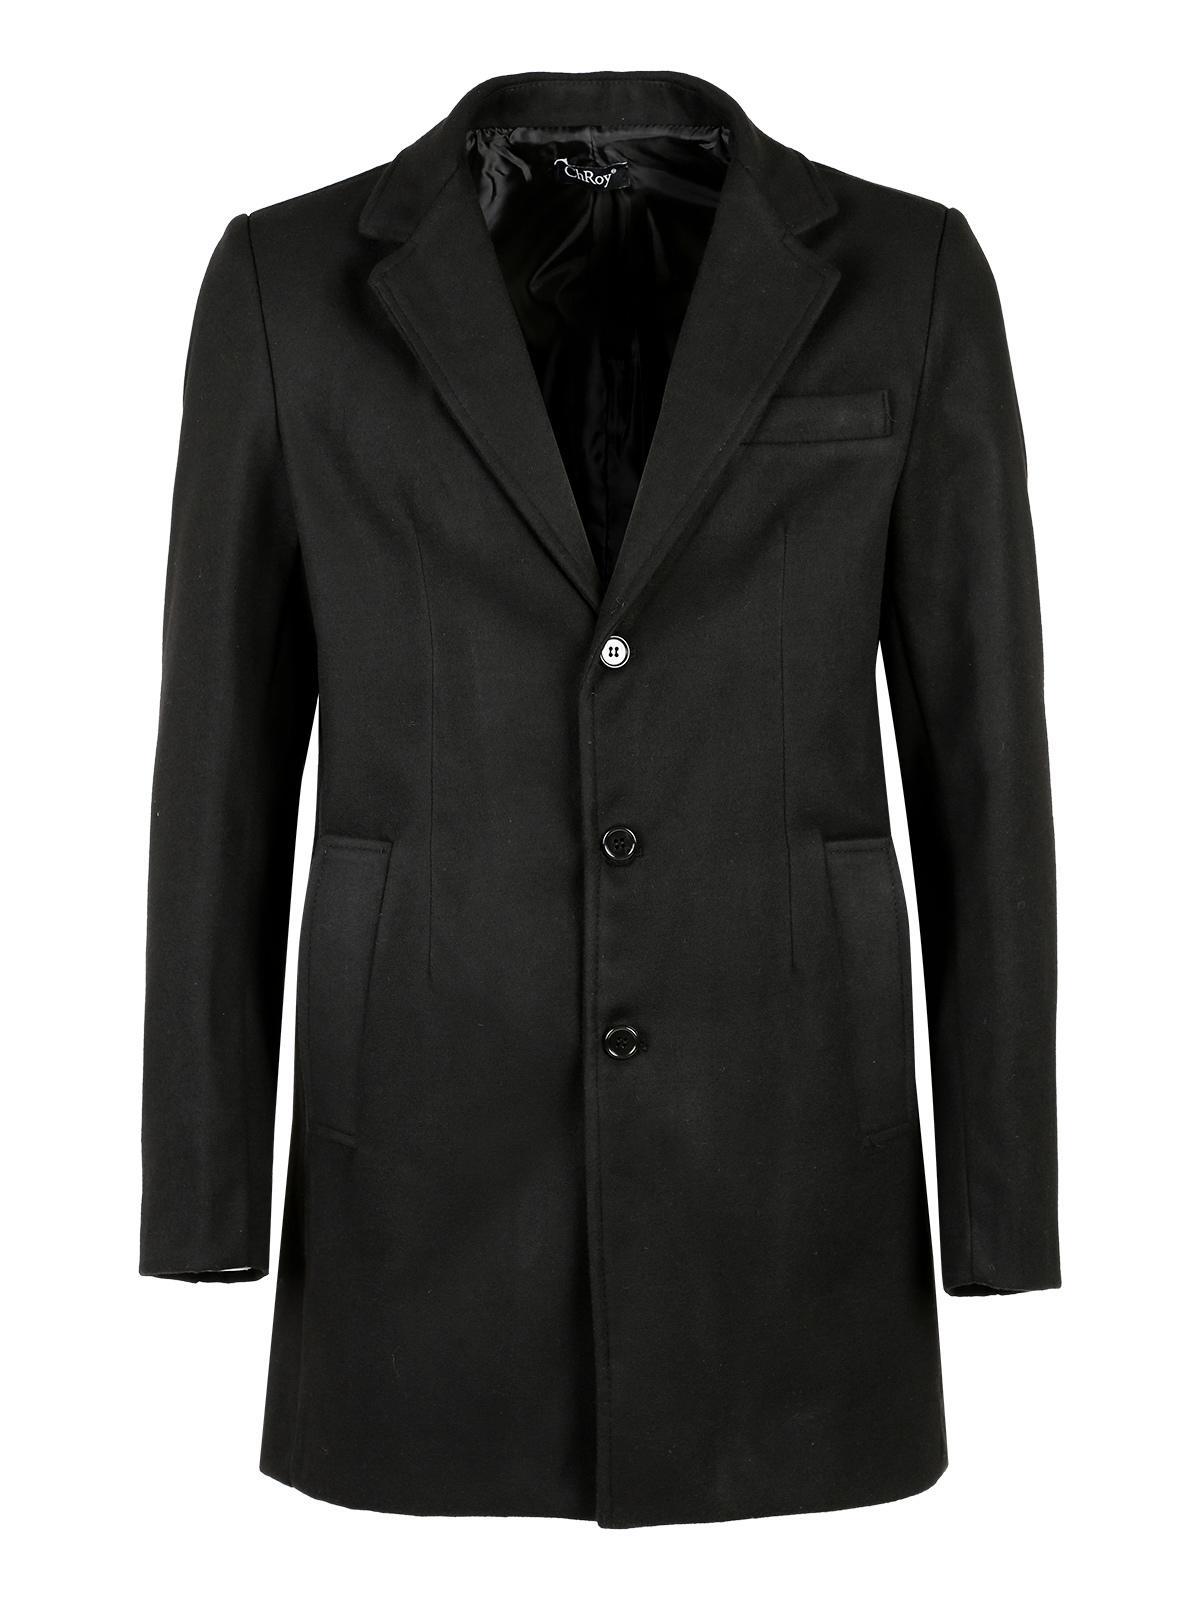 diseño de calidad 000d2 ef390 Abrigo negro clasico hombre | MecShopping